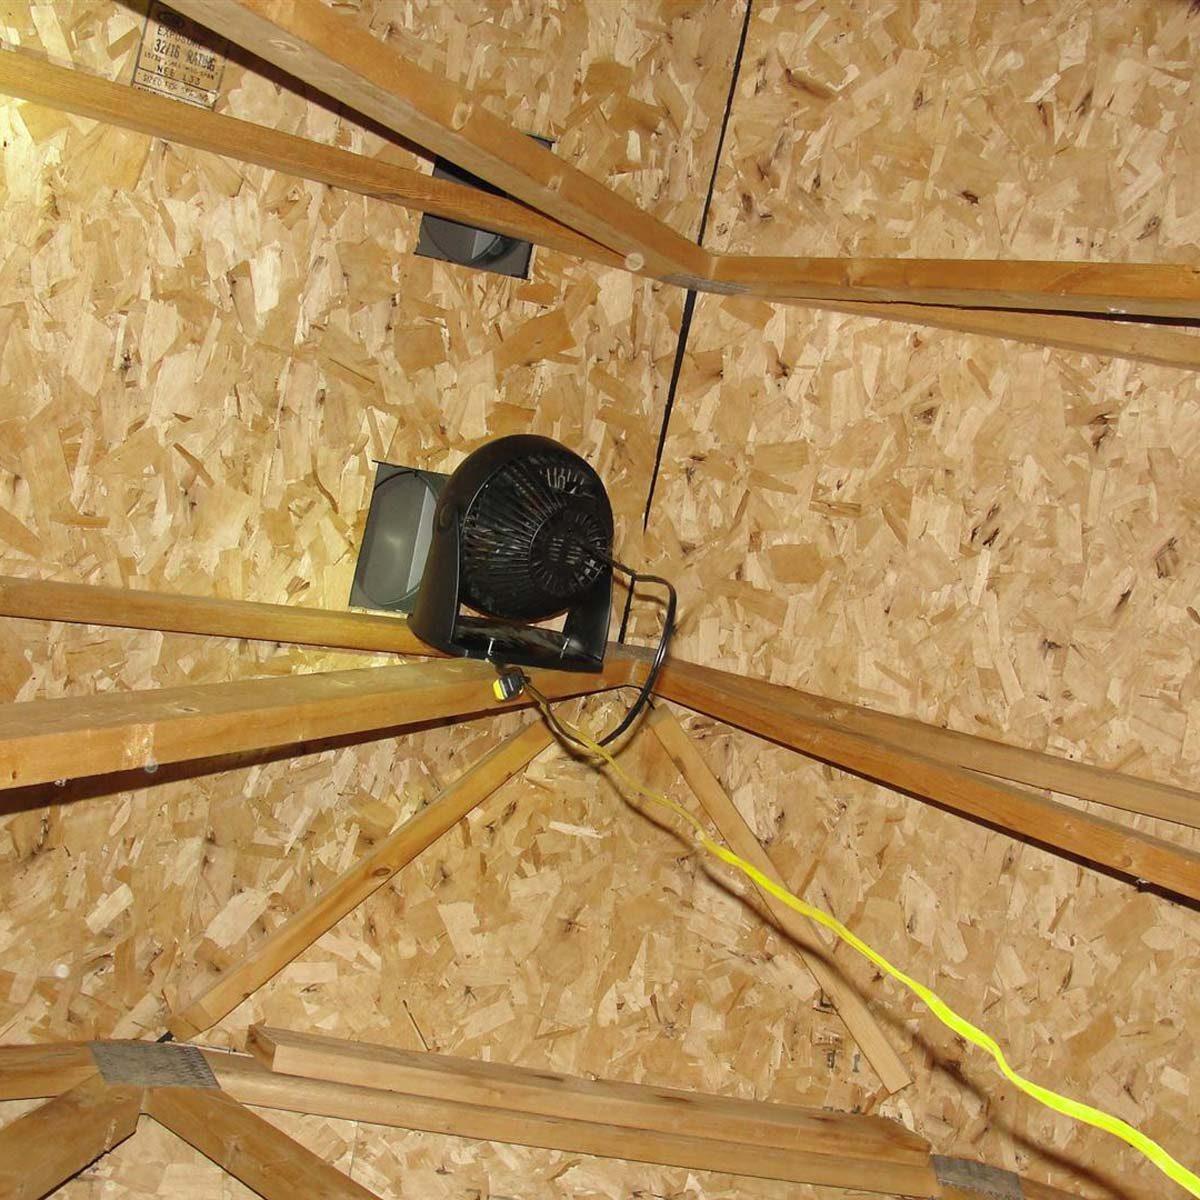 hight resolution of desk fan attic venting